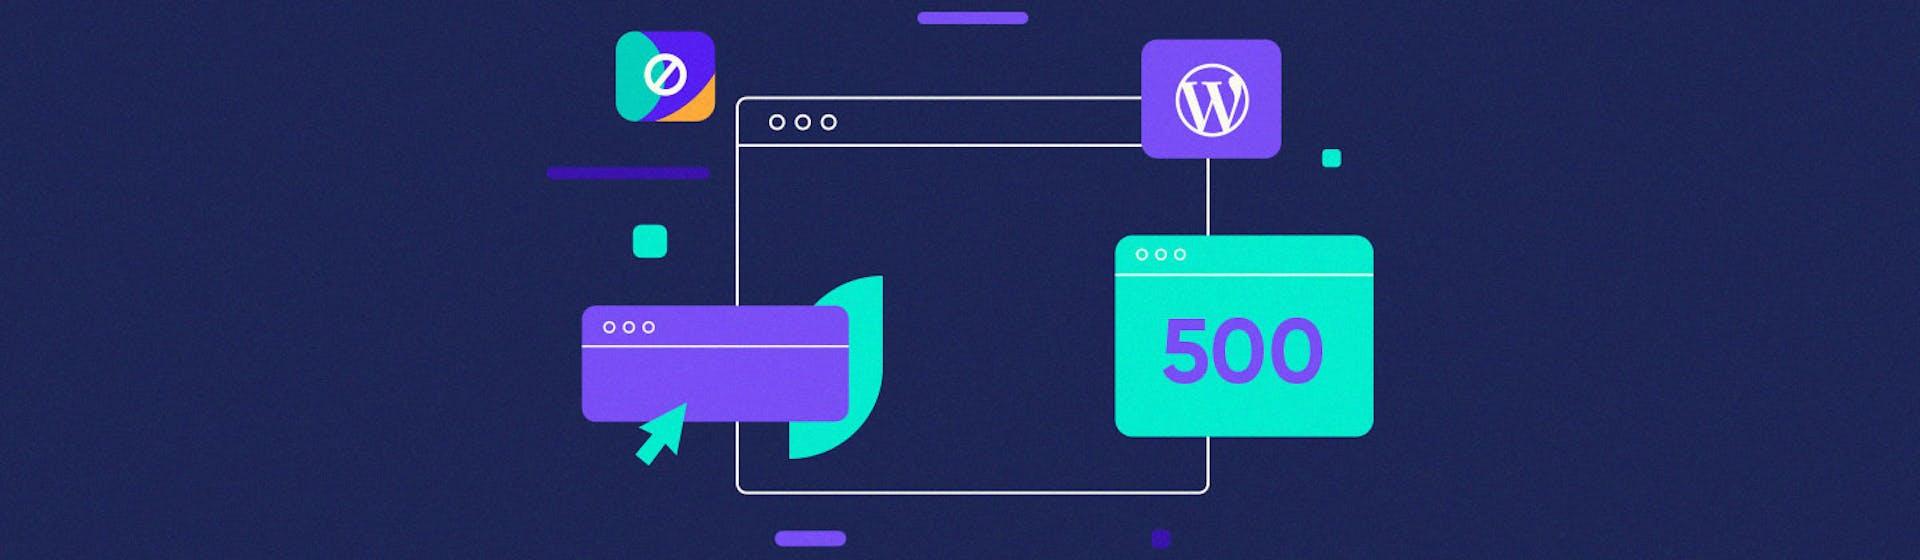 Http error 500 en Wordpress: 5 formas de solucionar este problema